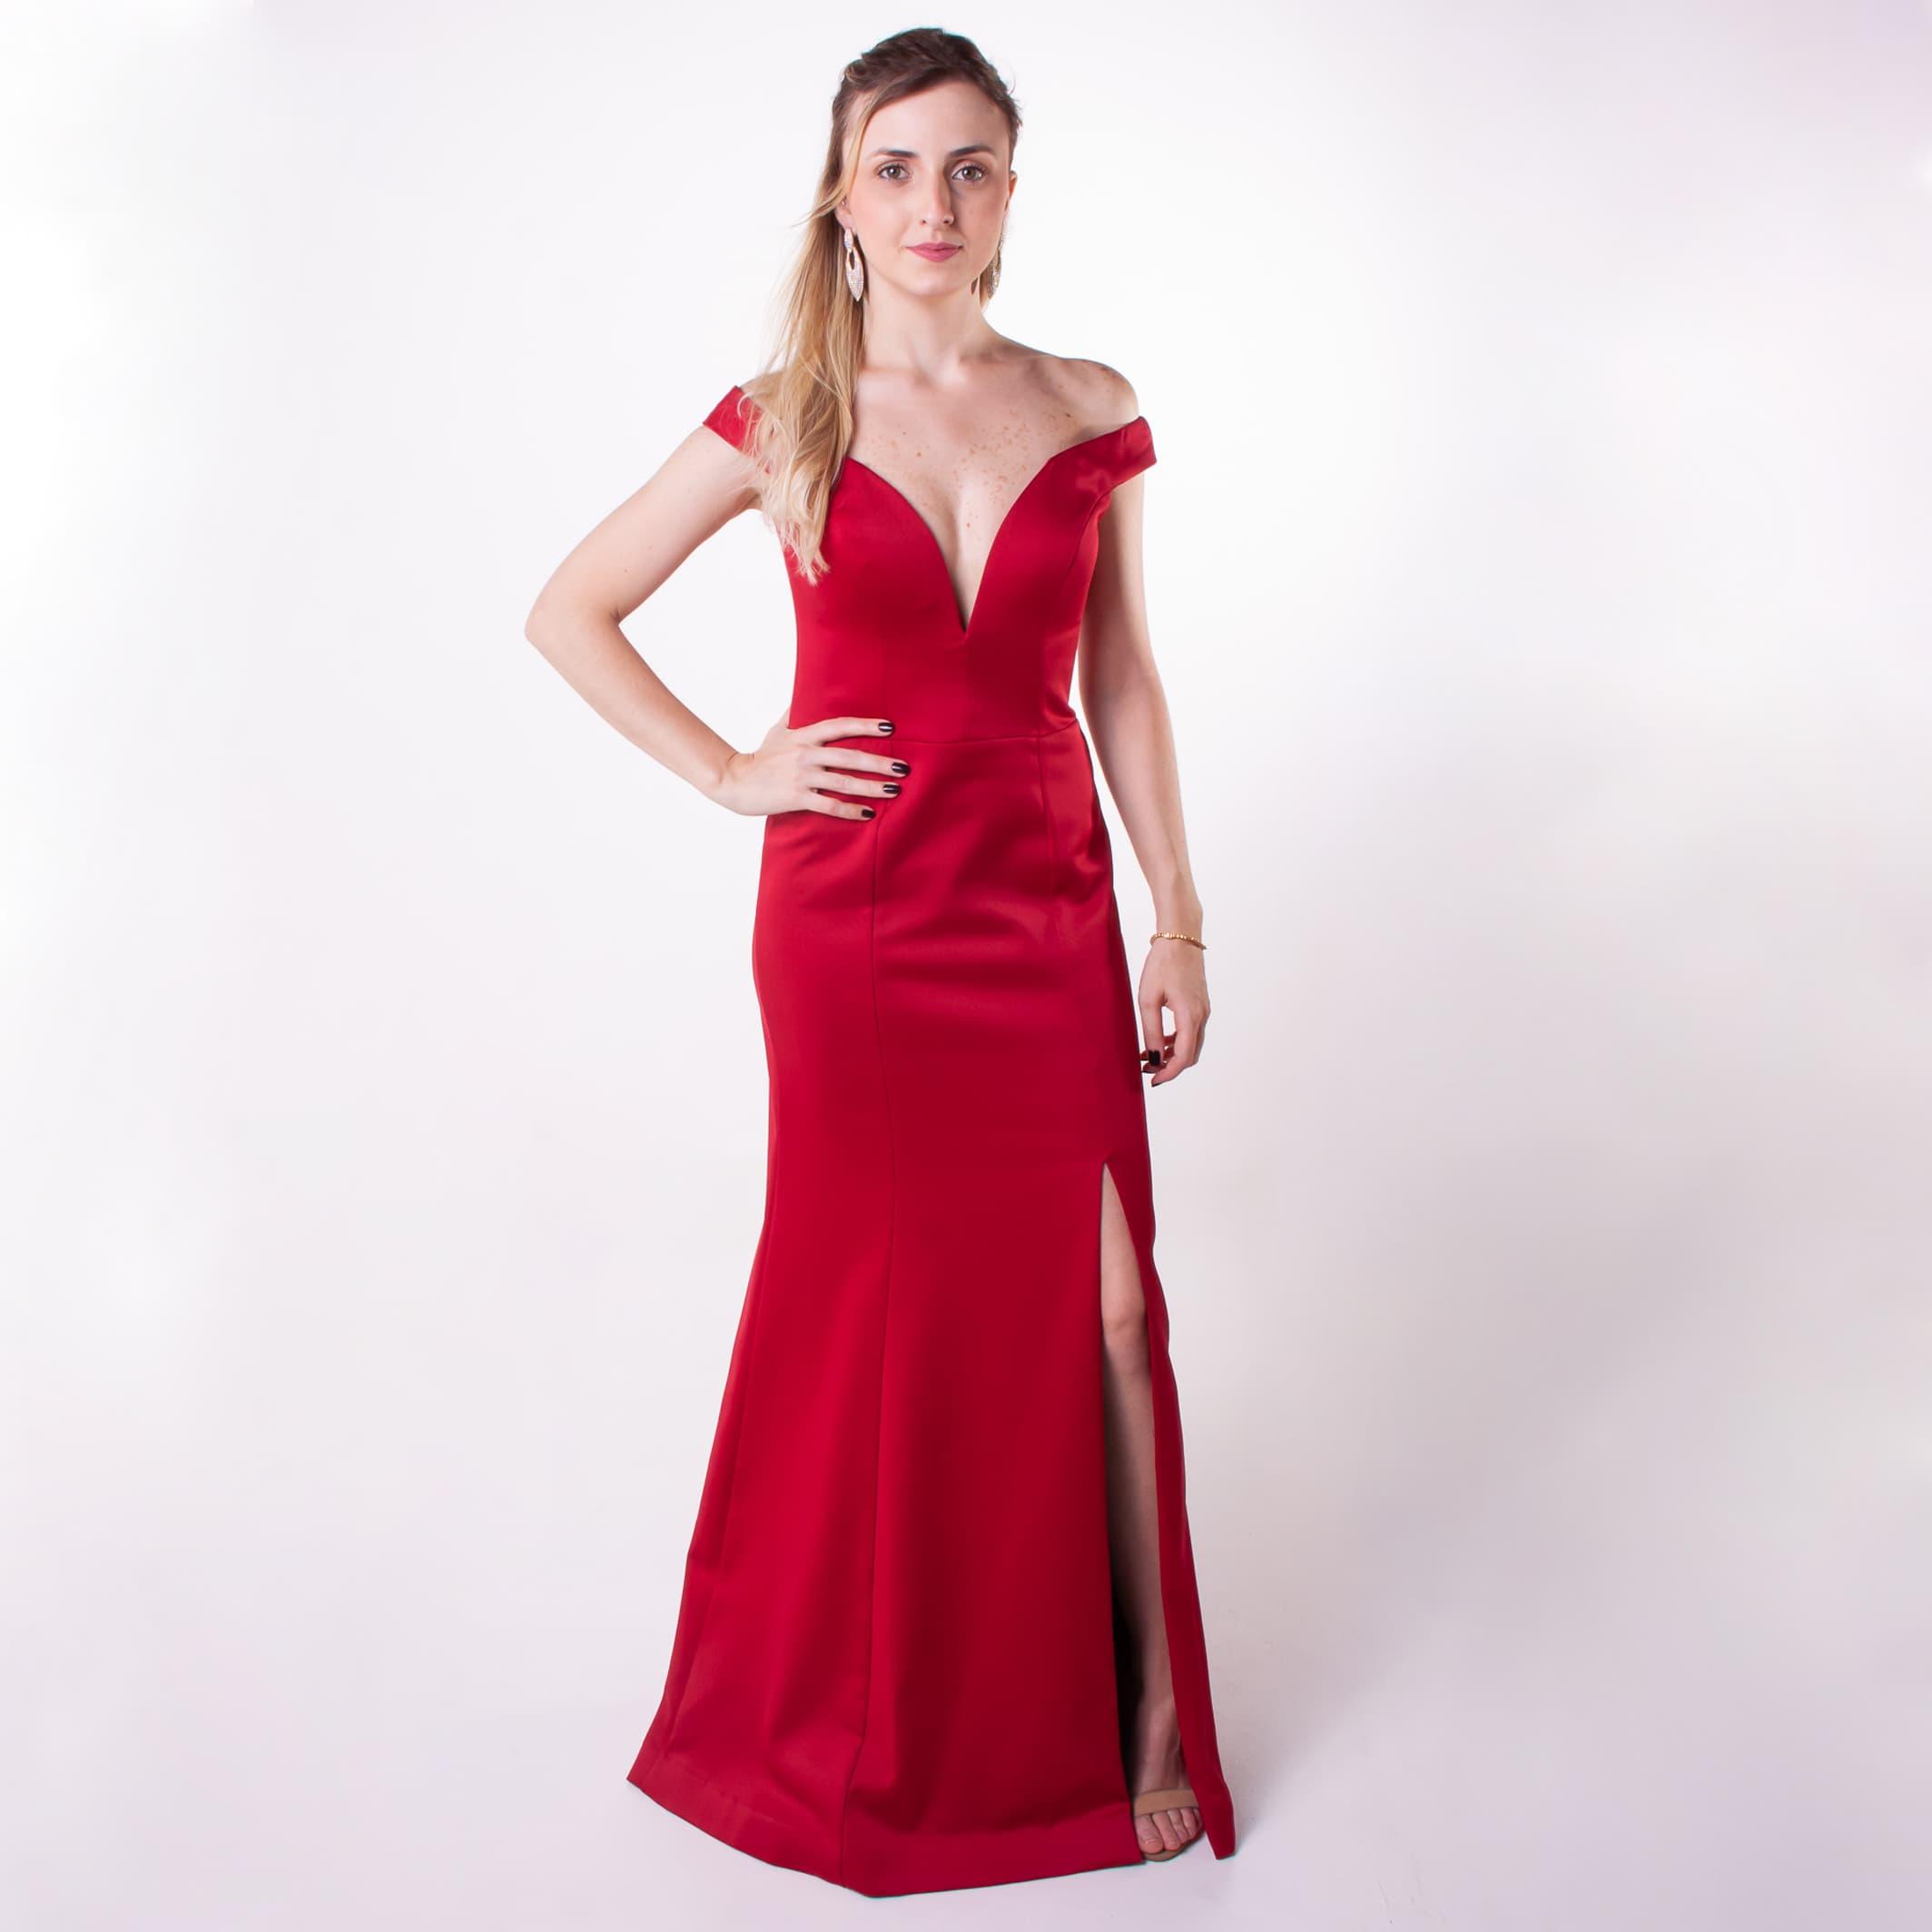 34 - Vestido vermelho sereia com fenda